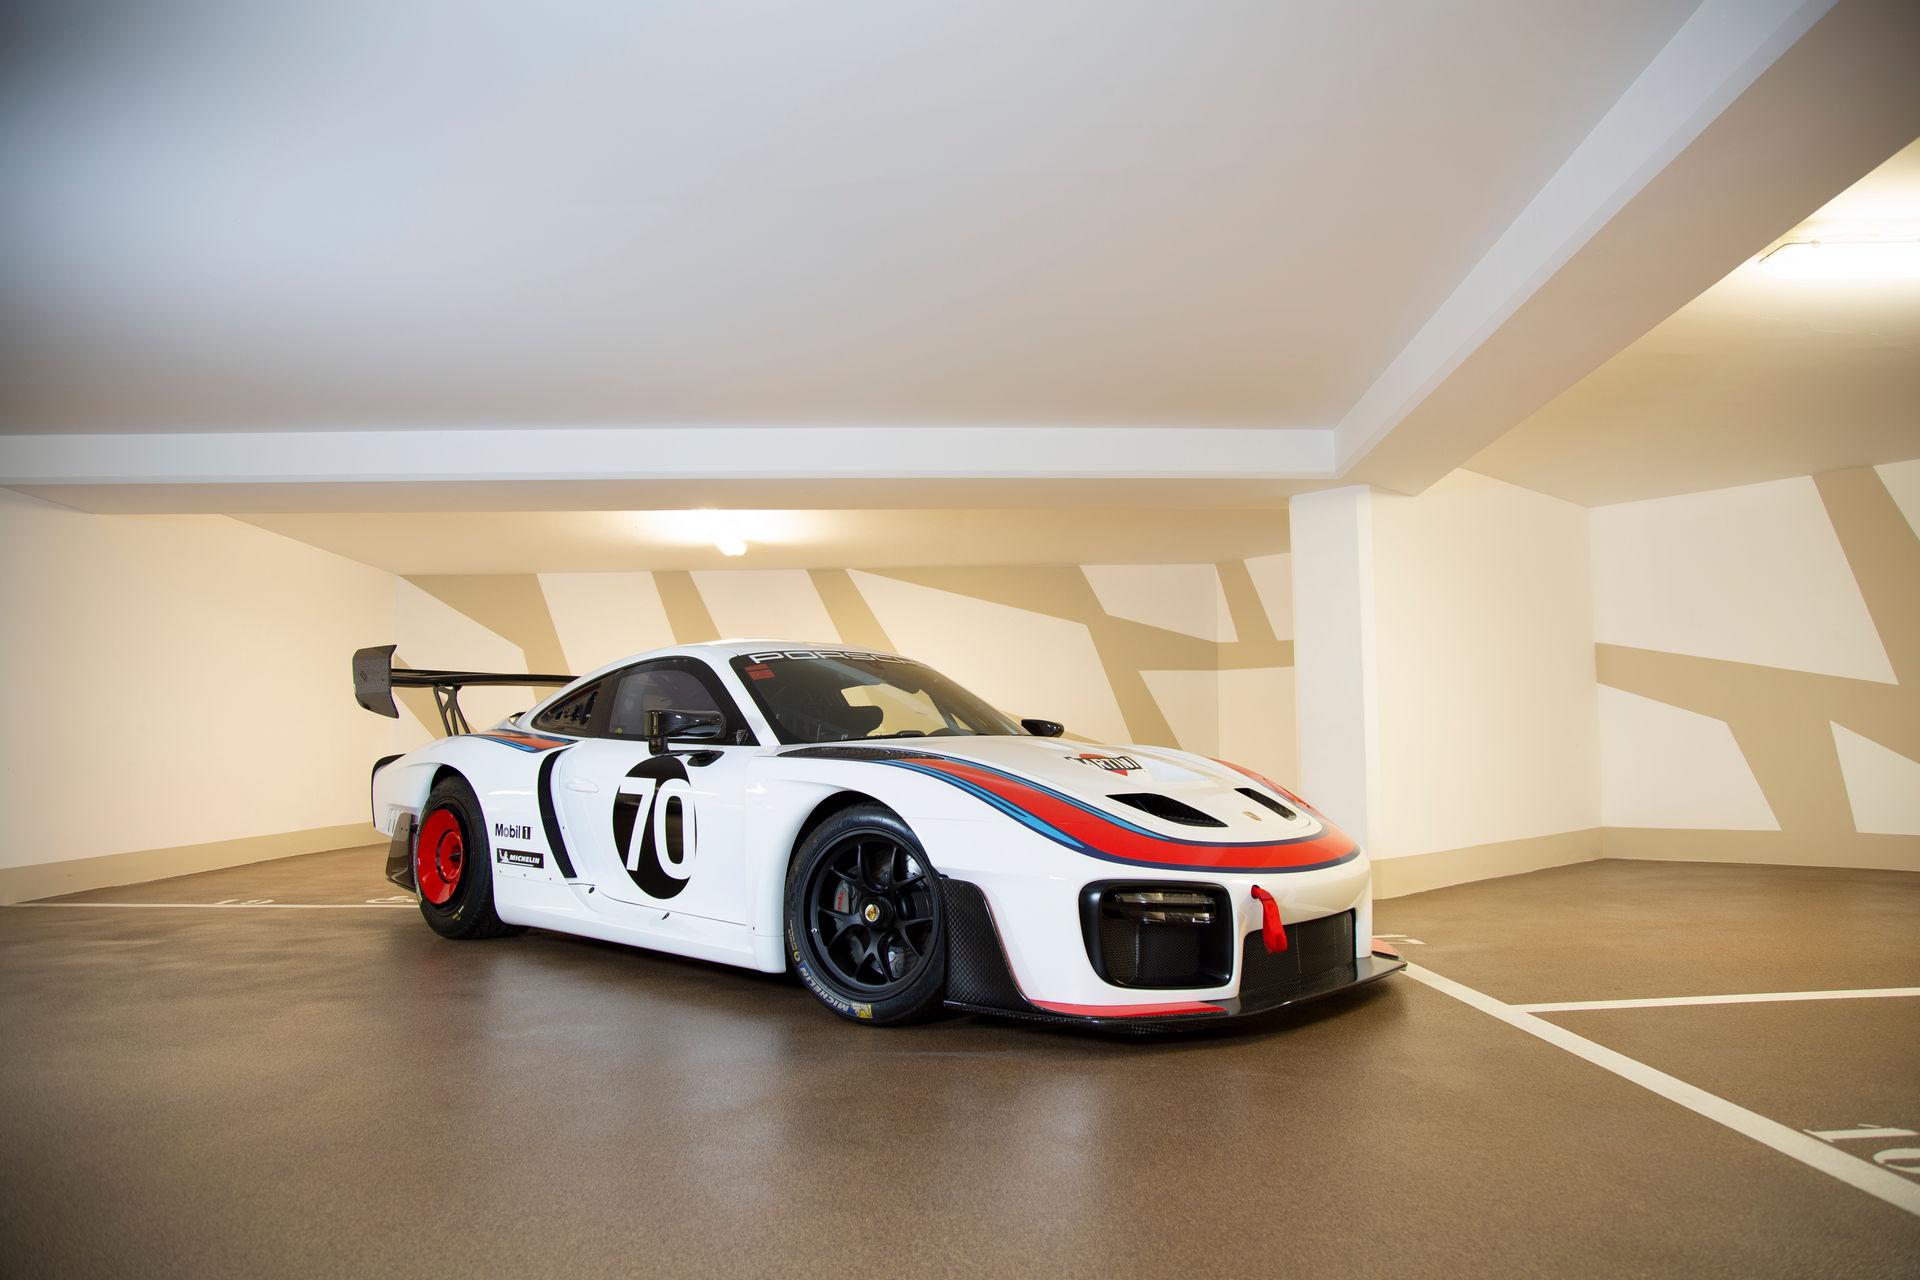 2020_Porsche_935_Martini_Livery_sale_0000